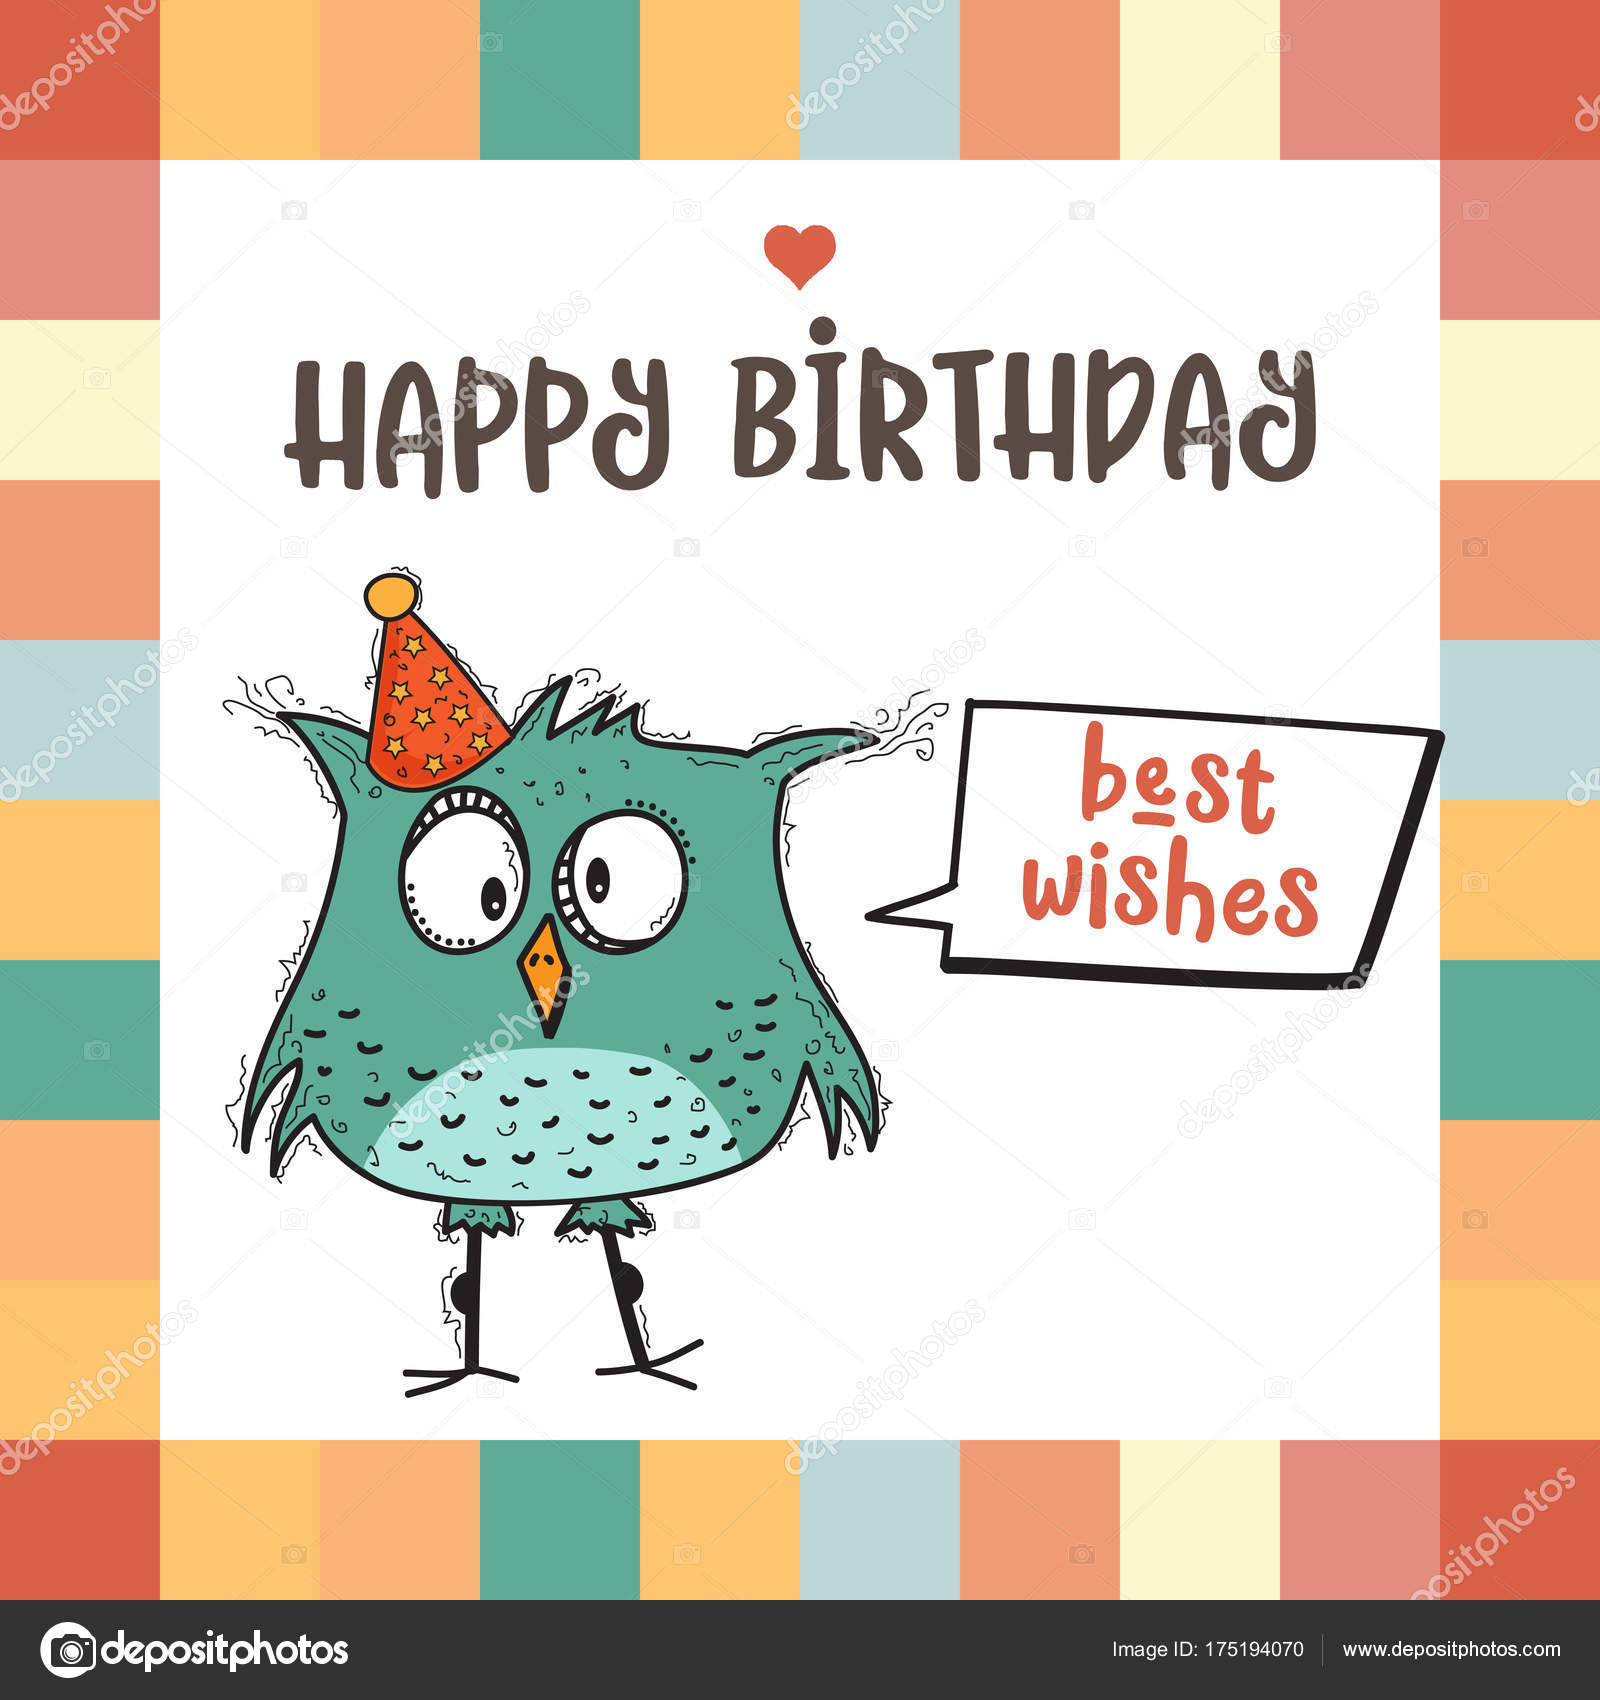 Gelukkige Verjaardag Kaart Met Grappige Doodle Vogel Stockvector